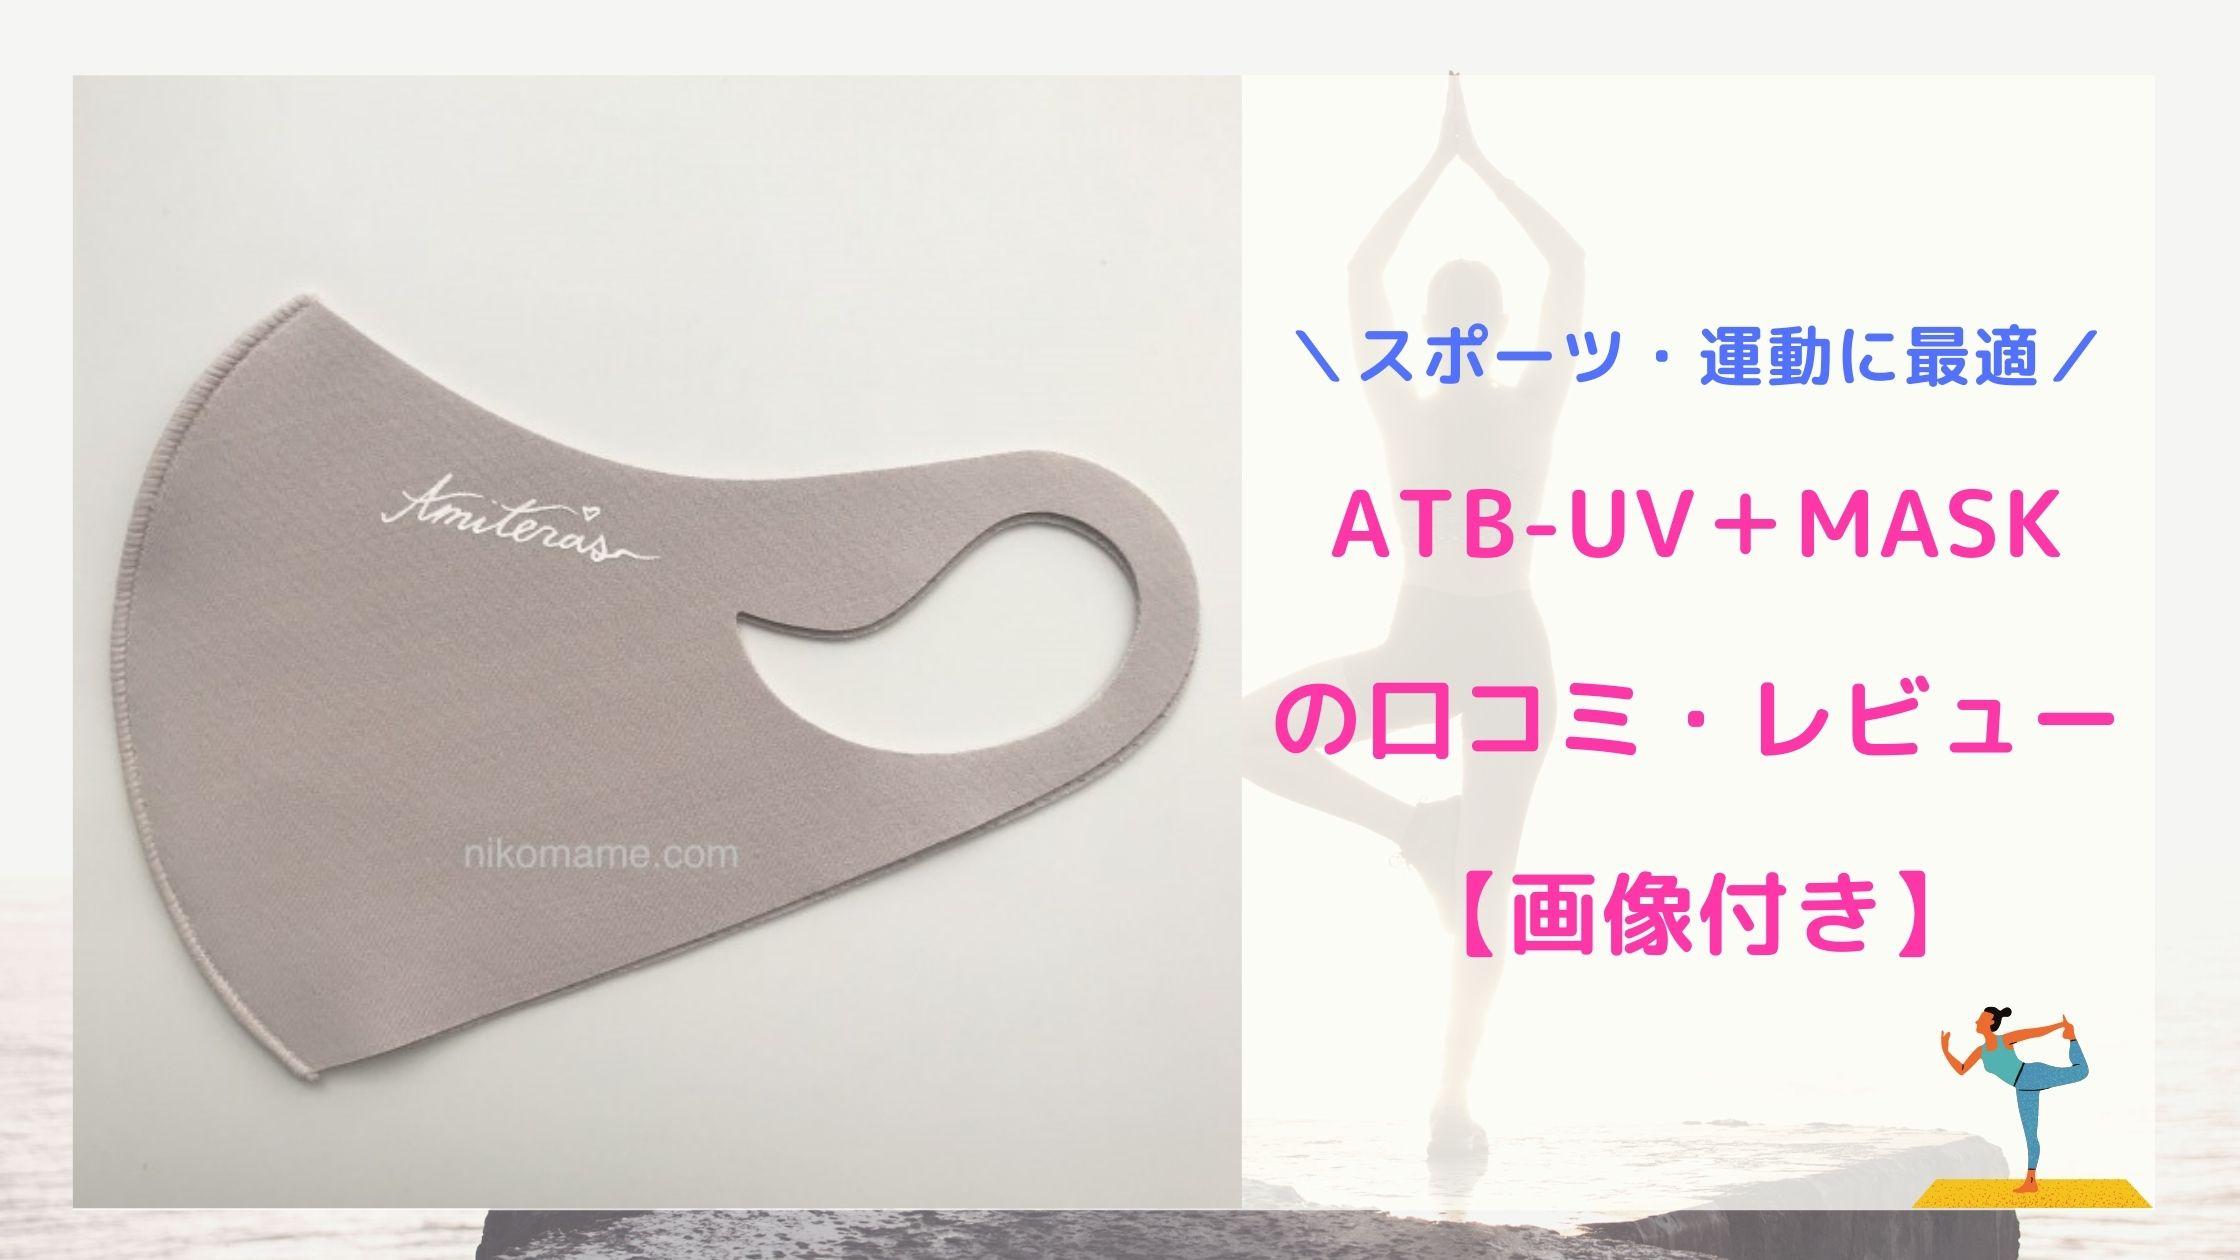 ATB-UV+MASK(マスク)の口コミ!実際に使ってみた感想を画像付きで紹介♪